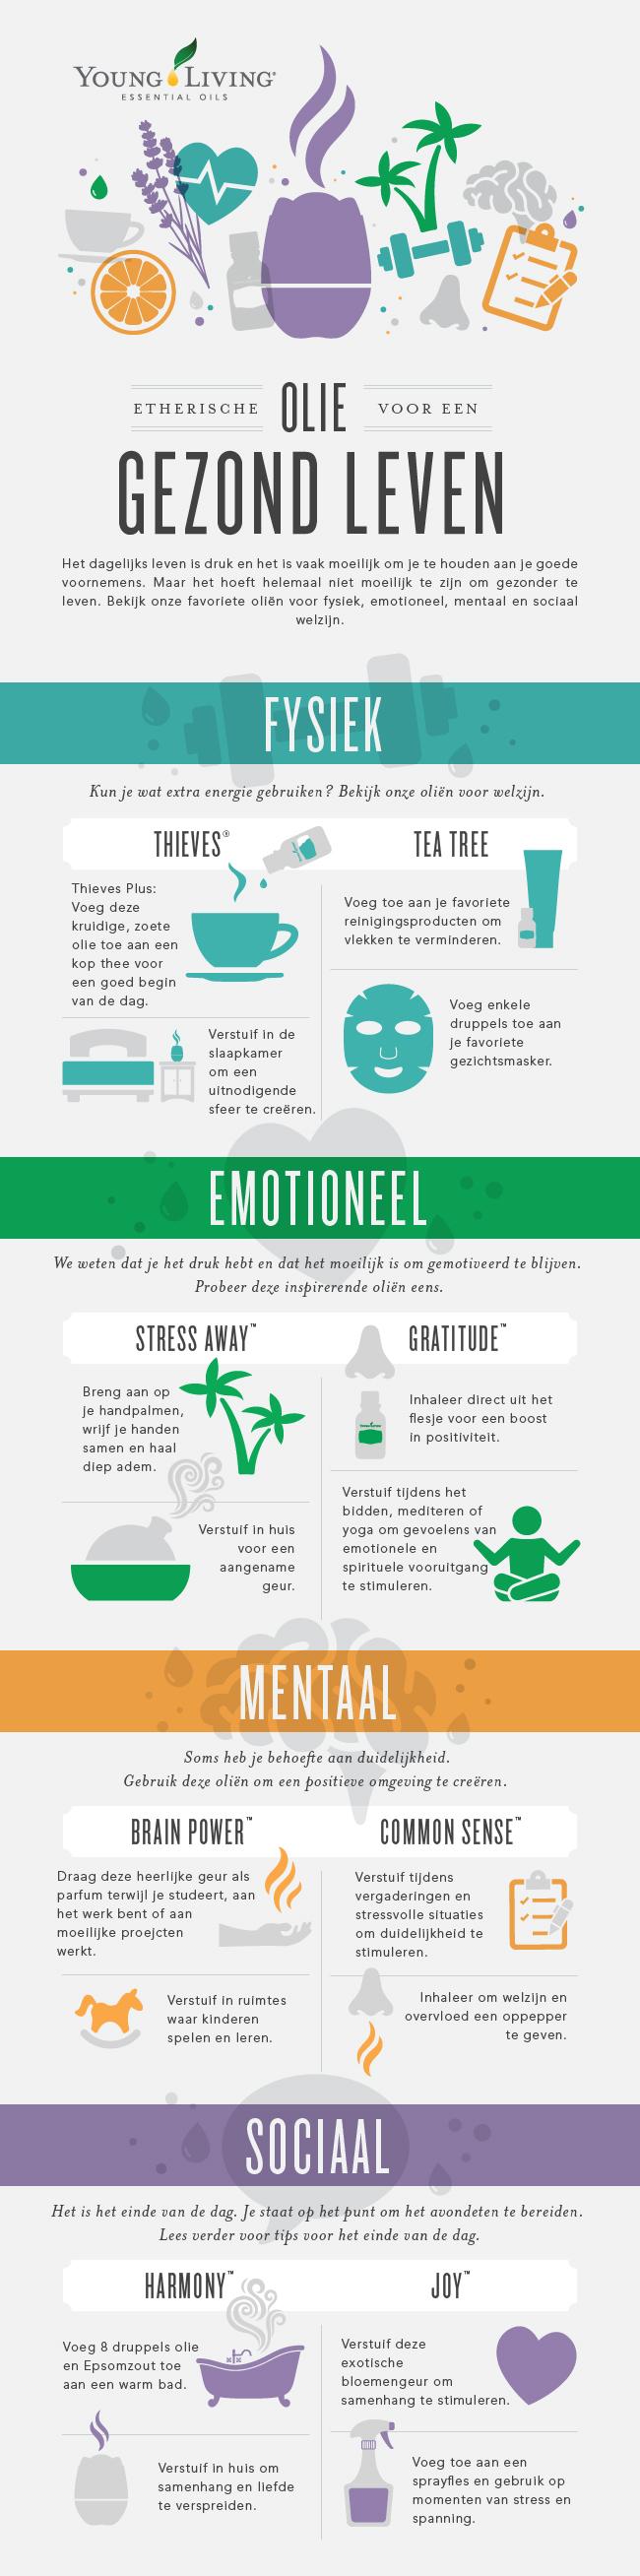 Infographic met etherische olie voor mentale, fysieke, emotionele en sociale gezondheid